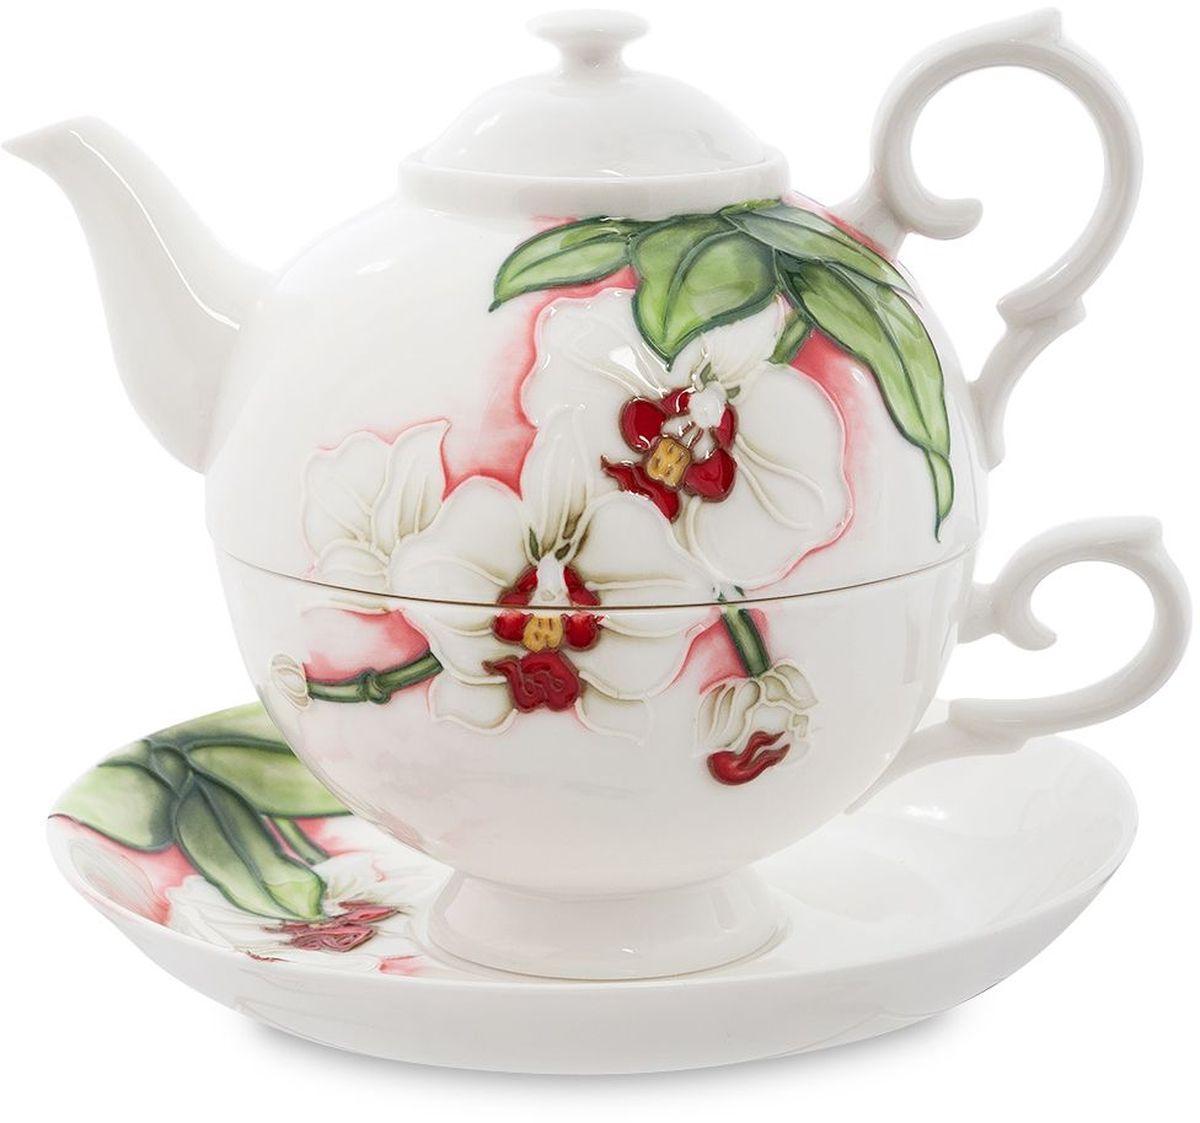 Набор чайный Pavone Королевская орхидея, 3 предмета. 451610VT-1520(SR)Объем чайника: 400 млОбъем чаши: 250 млДиаметр блюдца: 15 см